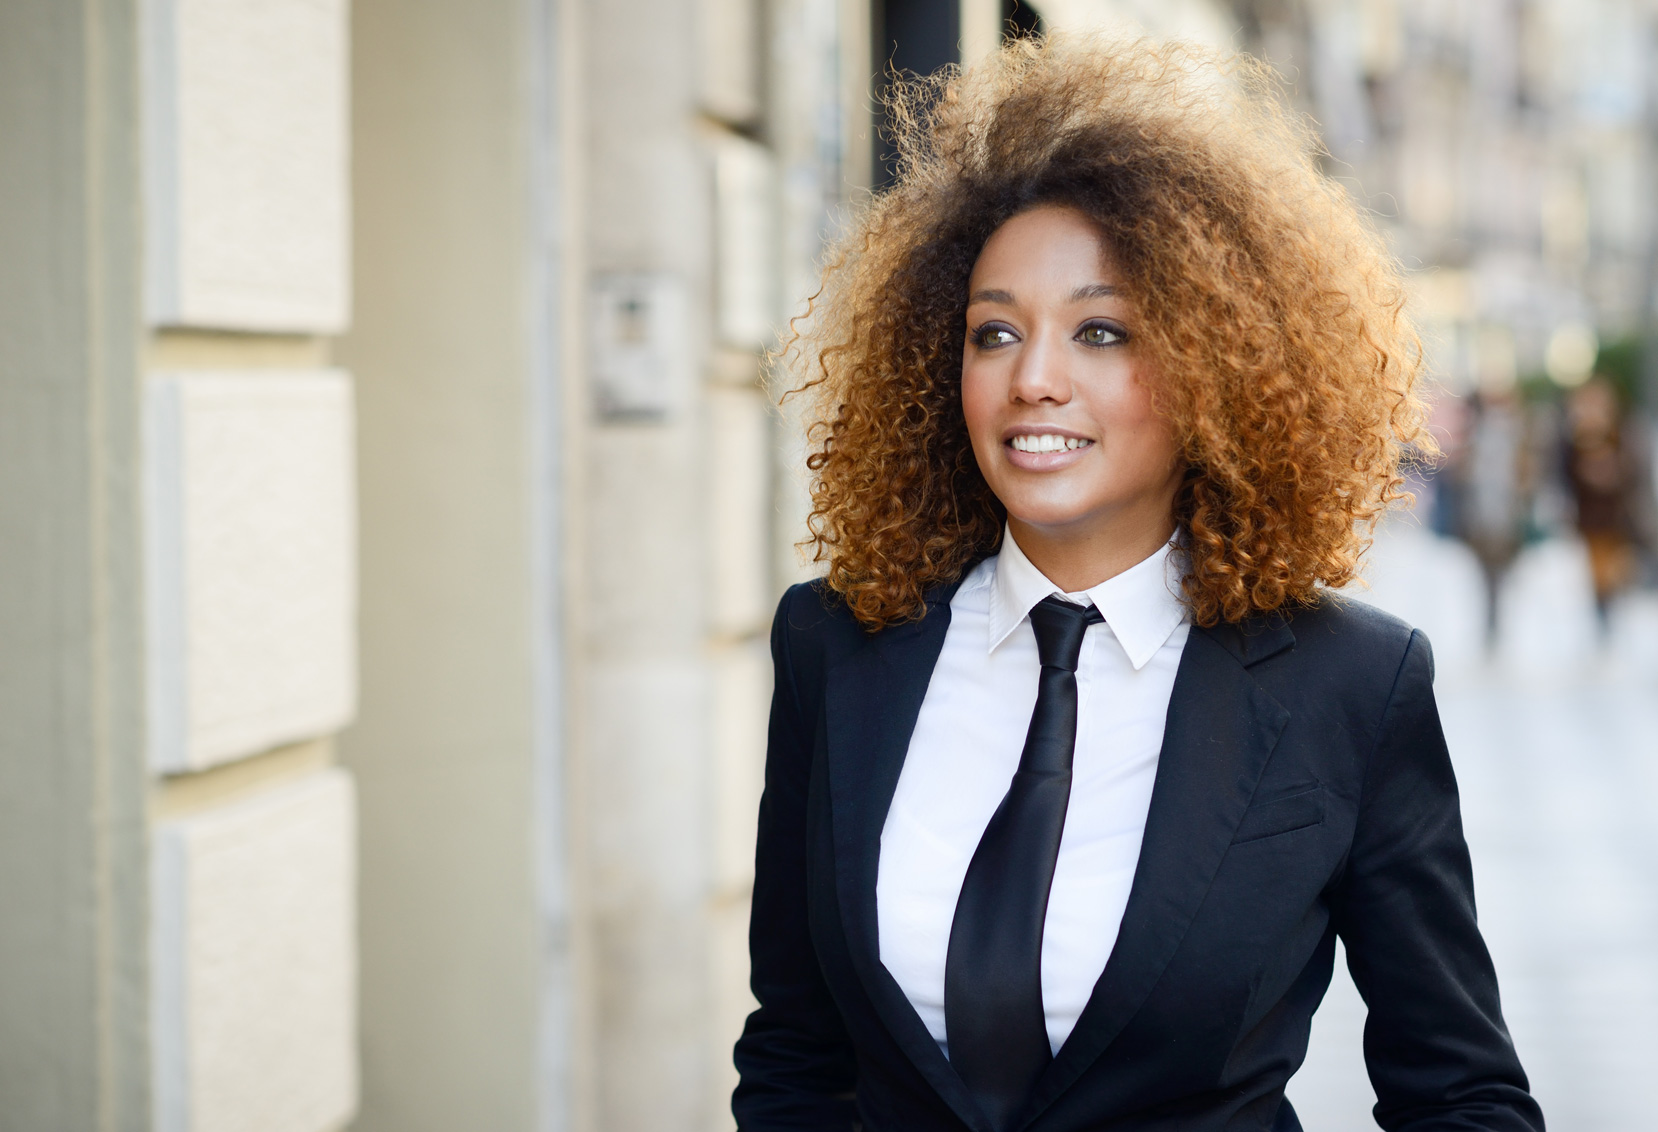 Conheça A 'Moda Sem Gênero', Nova Tendência Nas Passarelas E Nas Ruas